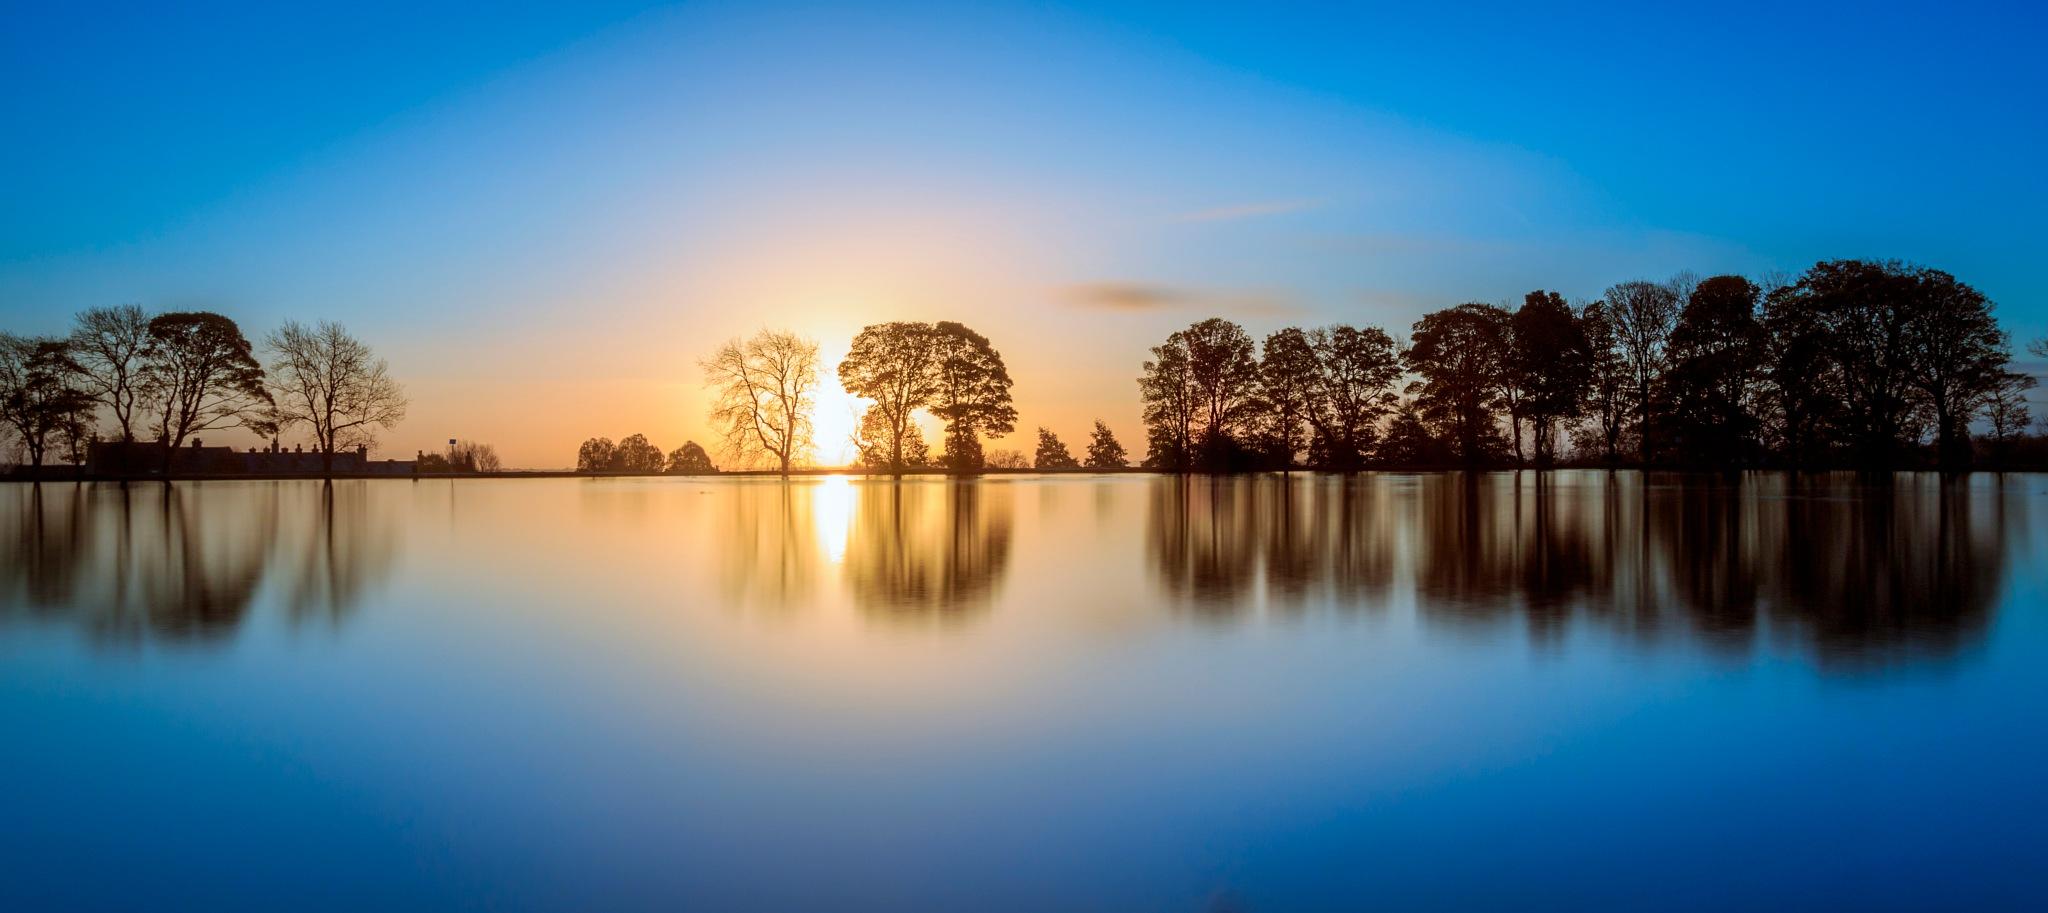 Serenity by chrissmithphotos